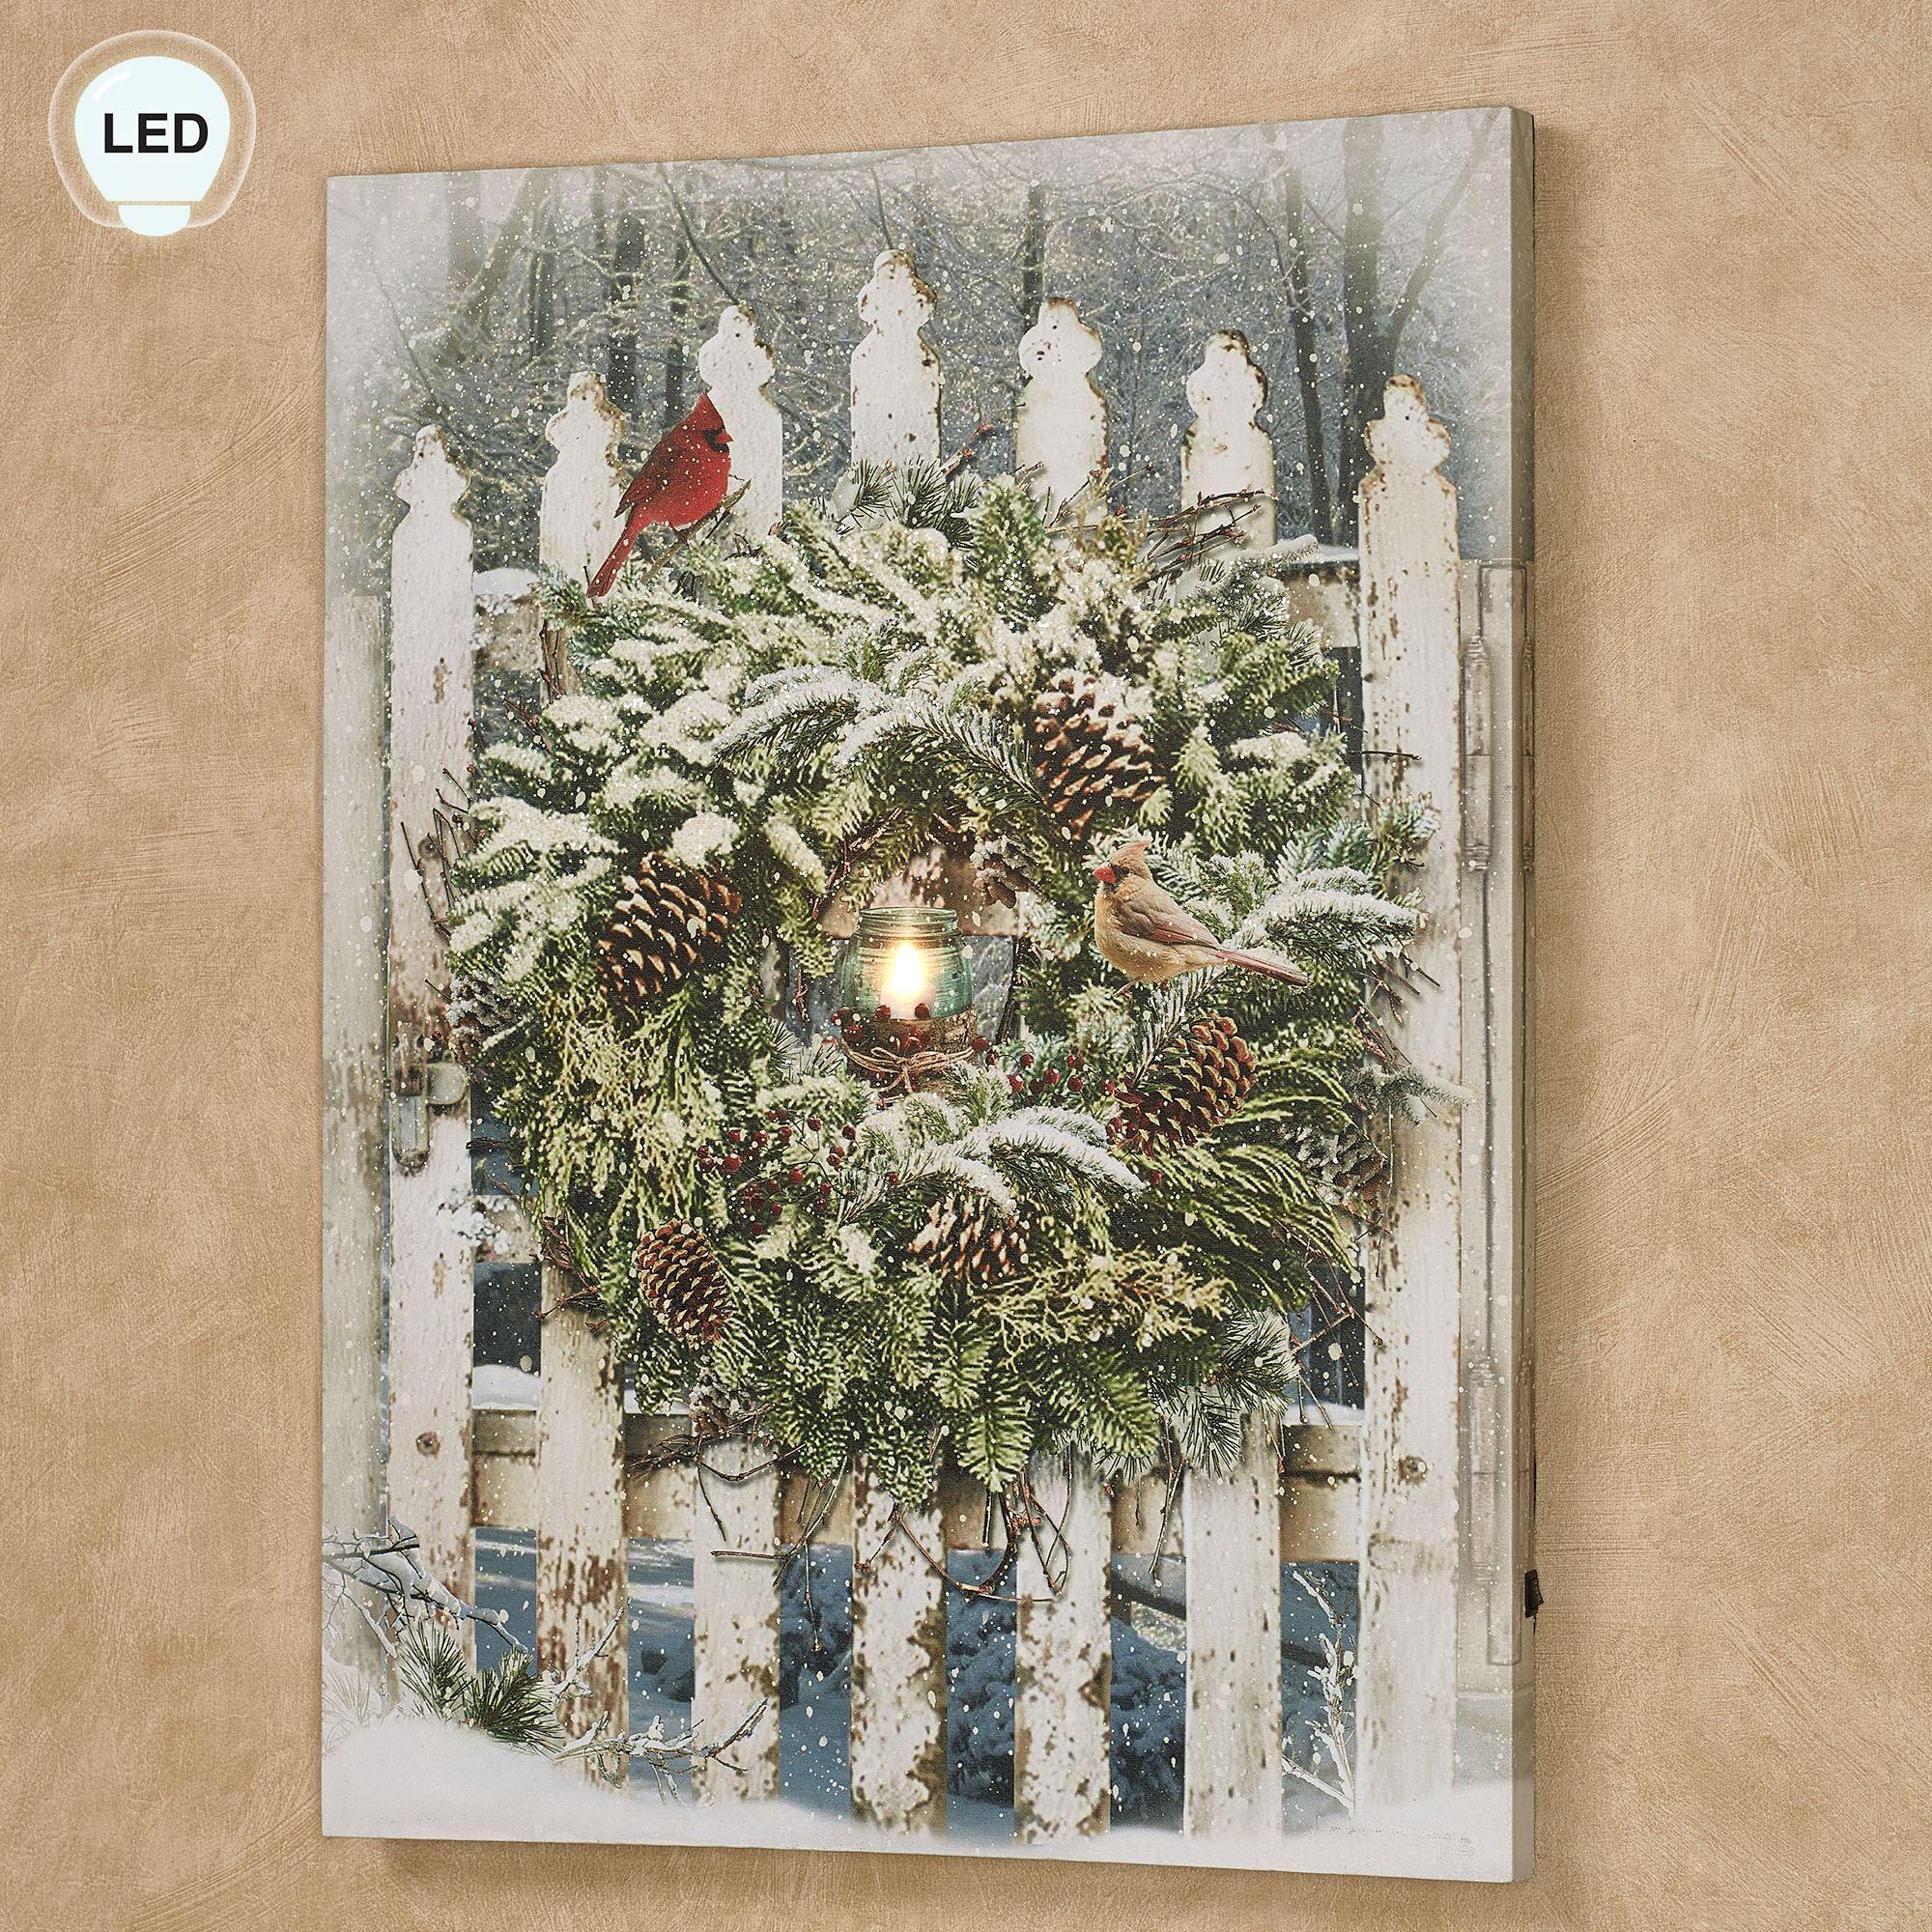 Winter Garden Gate Led Lighted Canvas Wall Art